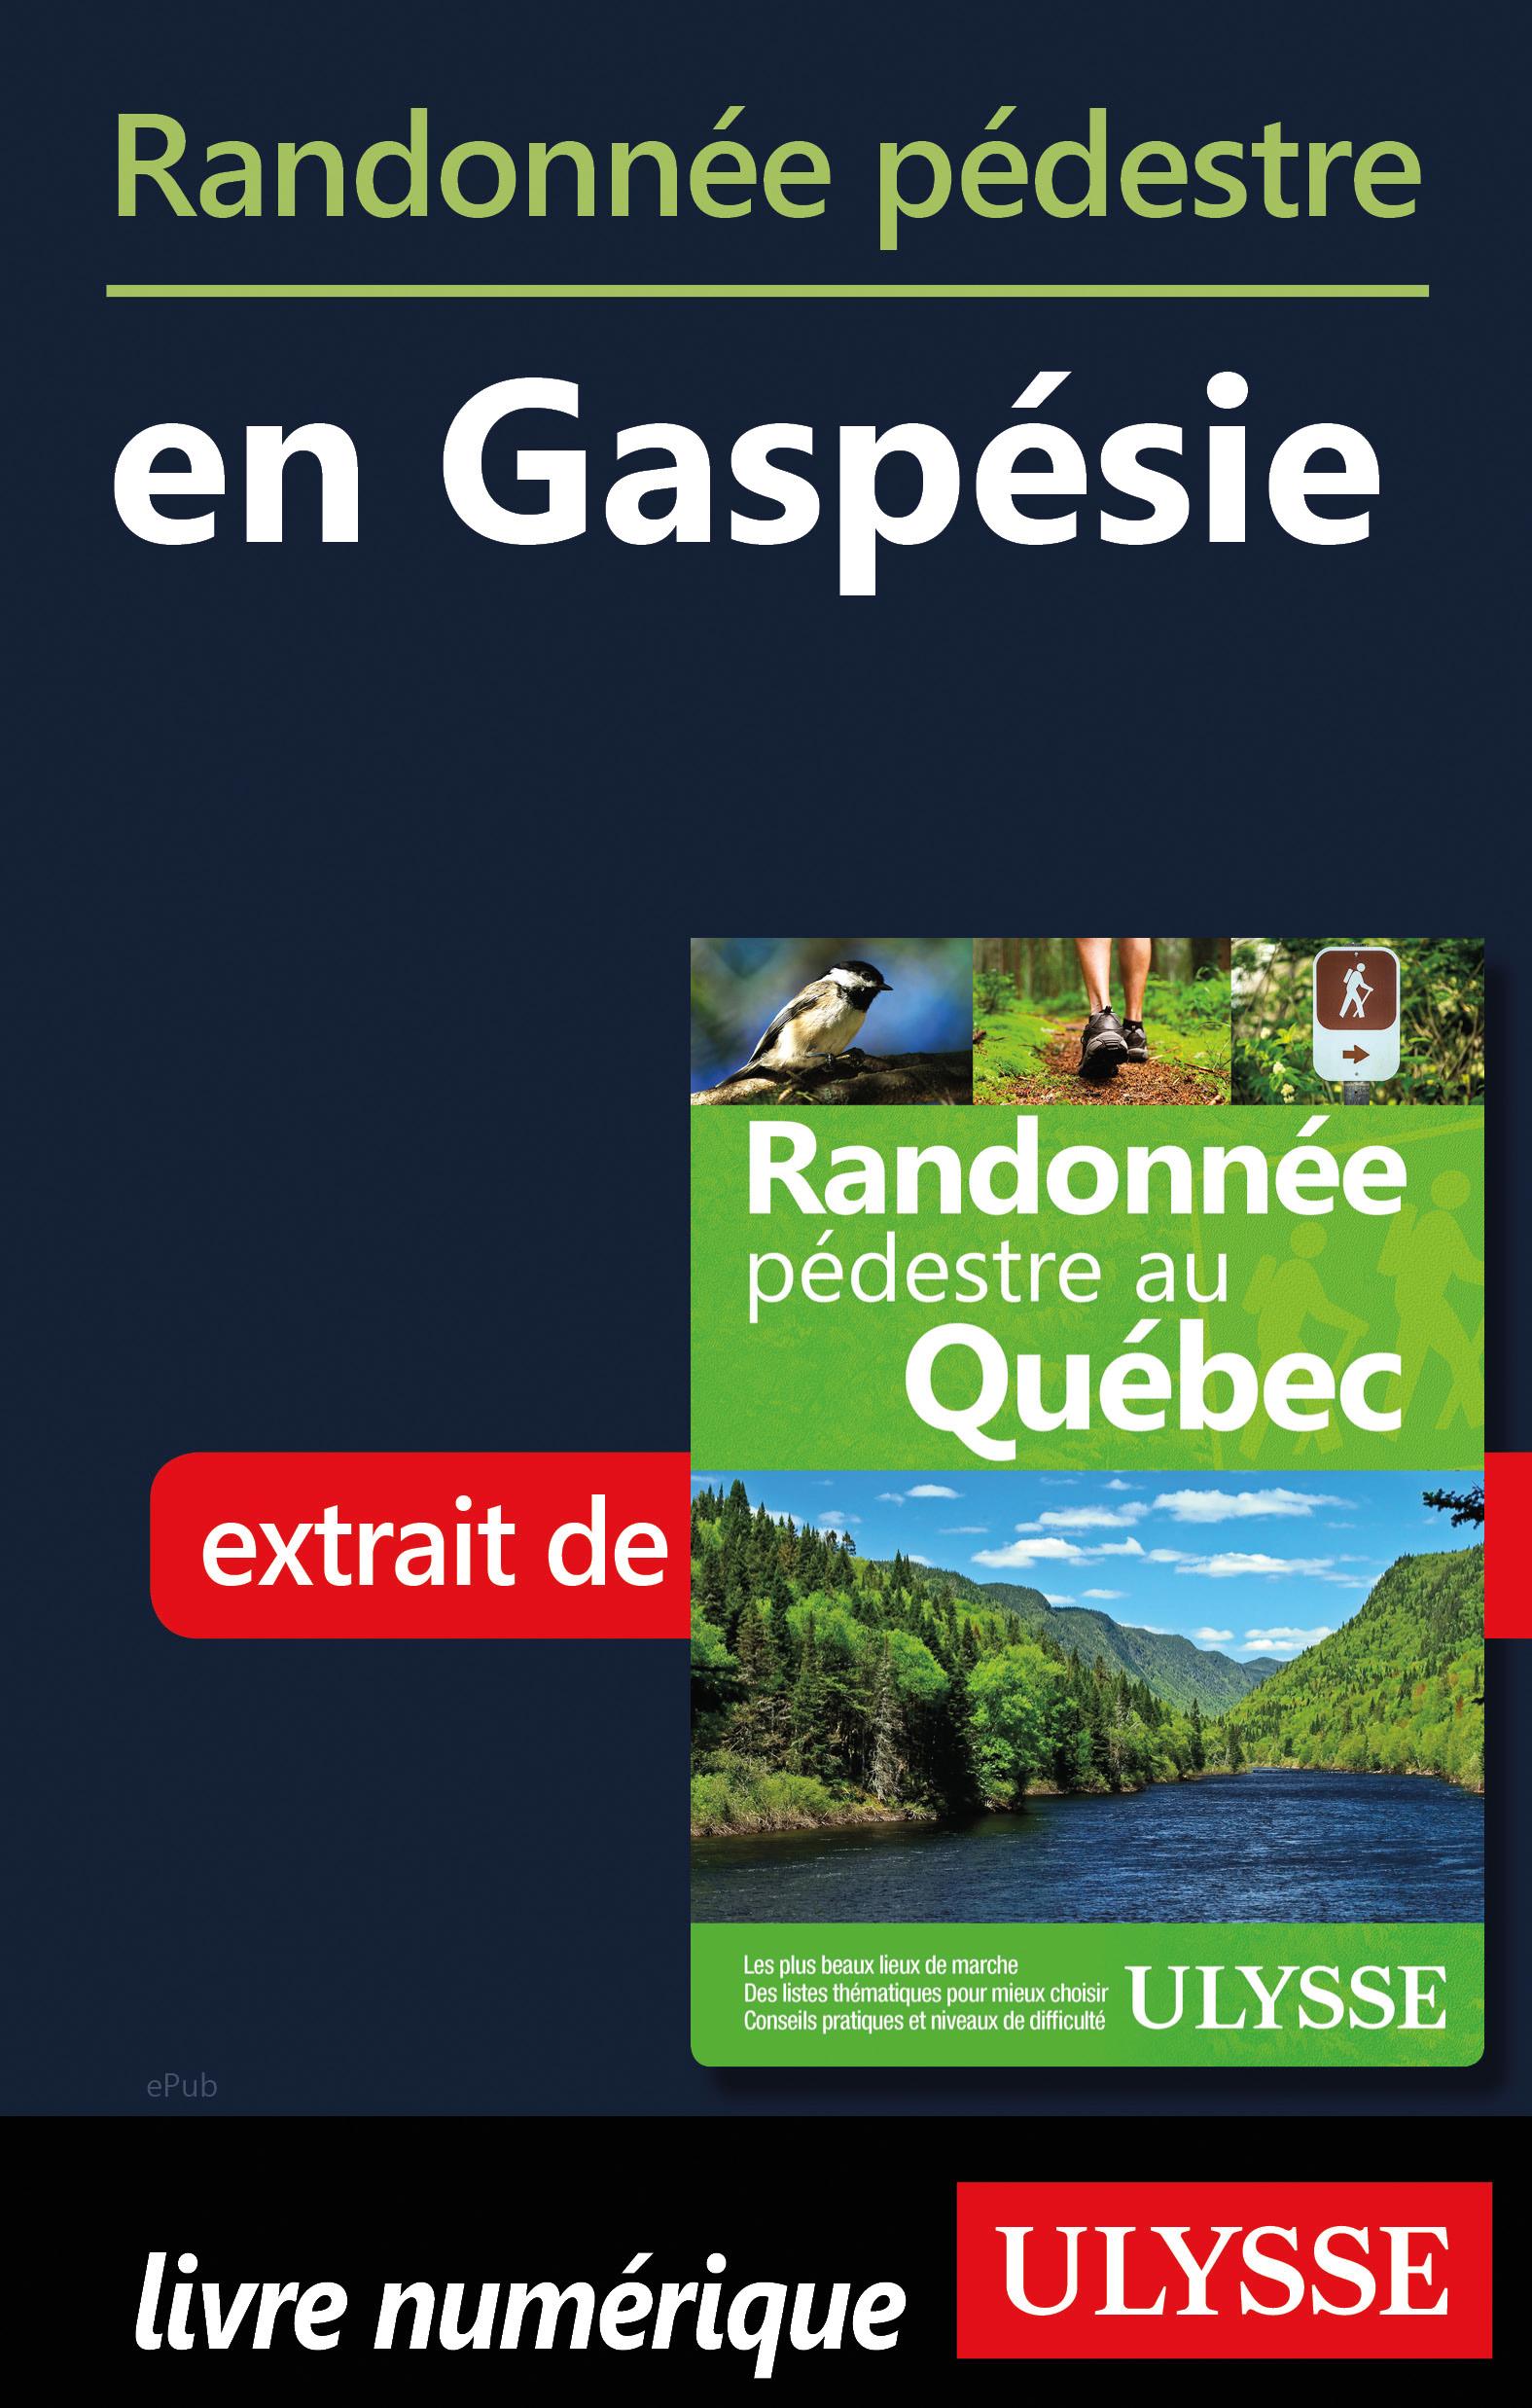 Randonnée pédestre en Gaspésie